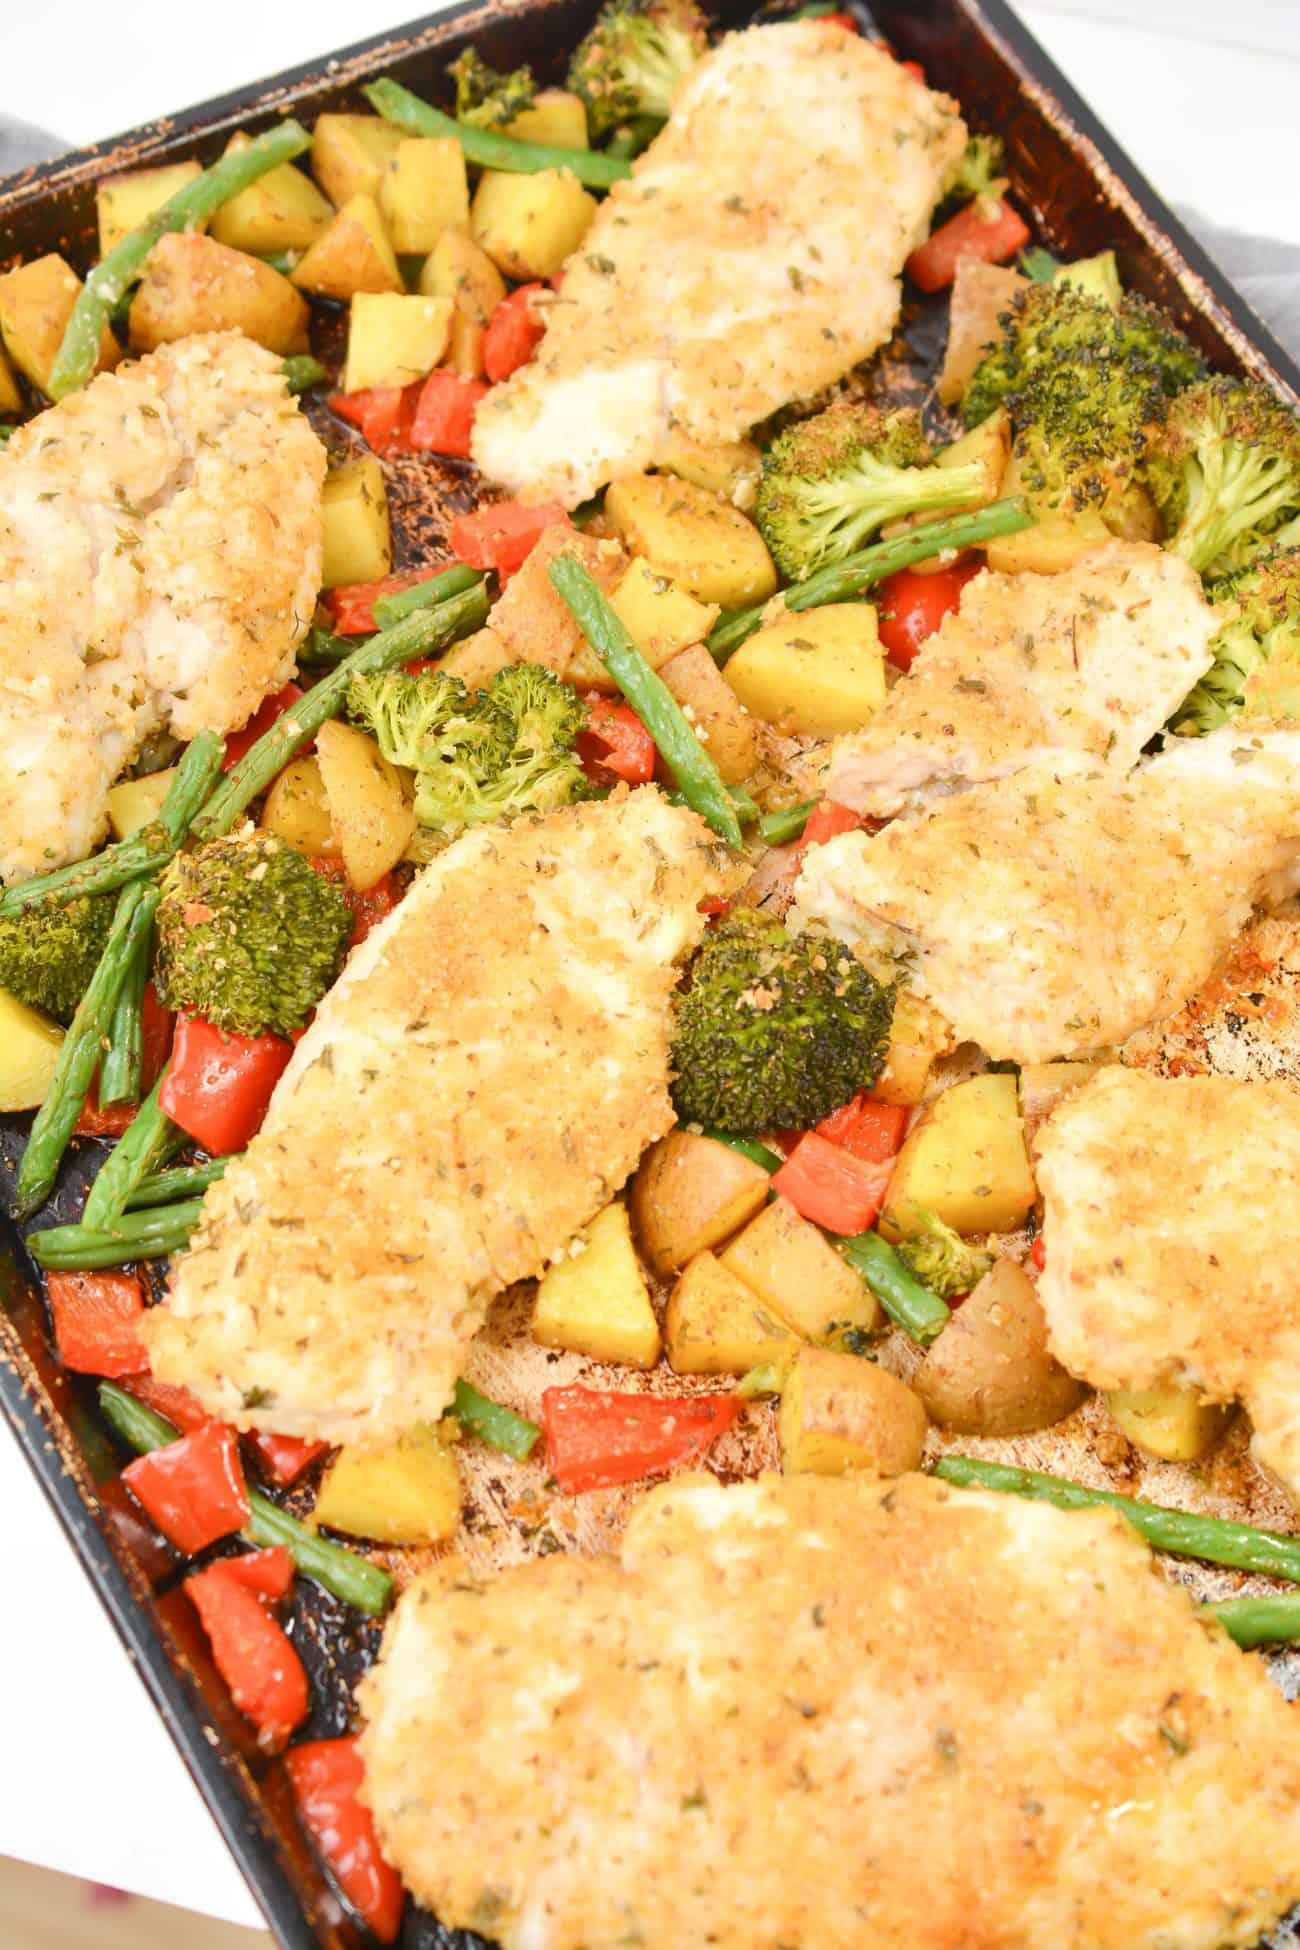 Sheet Pan Parmesan and Panko Chicken and Veggies